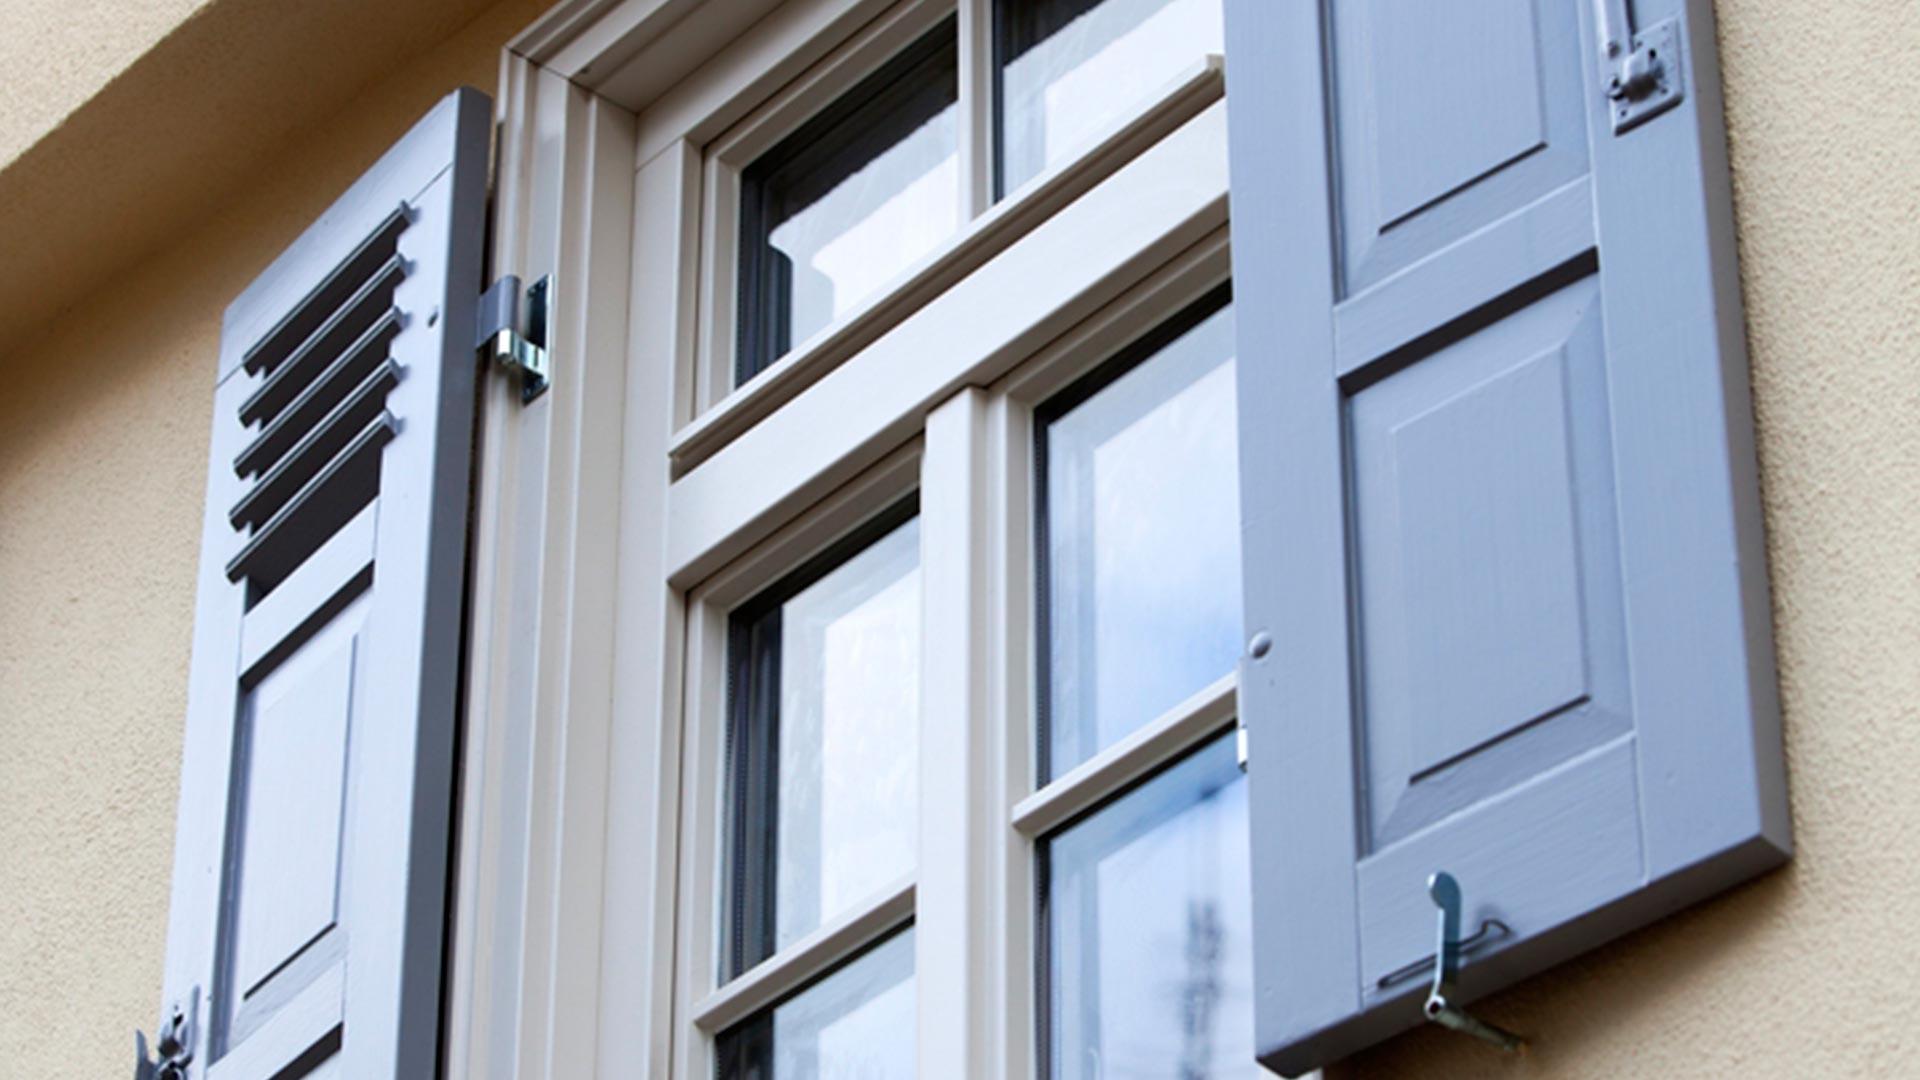 Full Size of Fenster Tauschen Fototapete Ebay Schüco Preise Sichtschutz Holz Alu Rc 2 Gardinen Folie Für Sichtschutzfolien Dänische Einbruchschutz Auf Maß Jalousien Fenster Fenster Tauschen